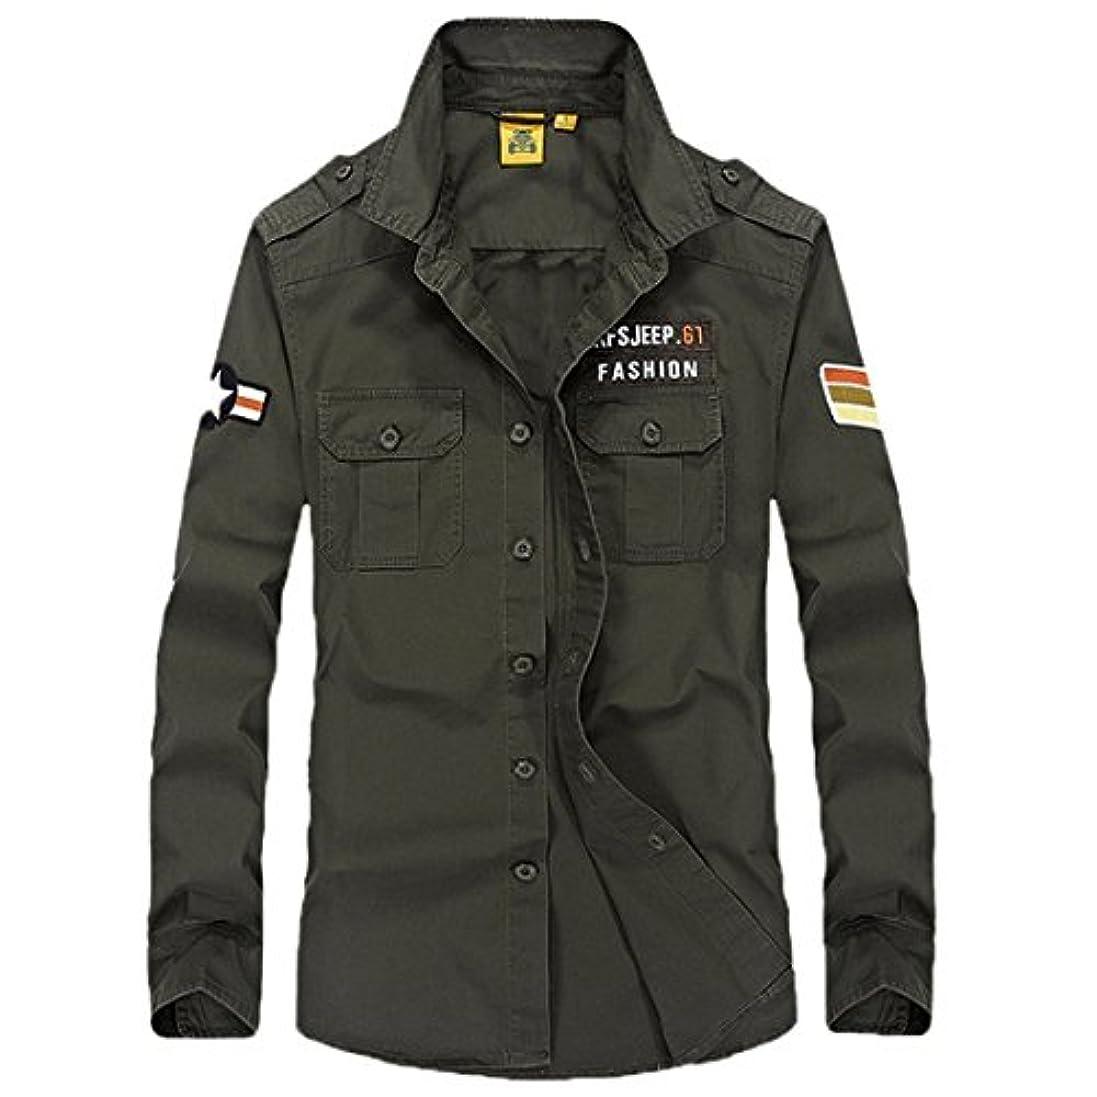 期限切れフォーカス在庫William ミリタリーシャツ メンズ 長袖 カジュアルシャツ 全3色 (M, Army Green)